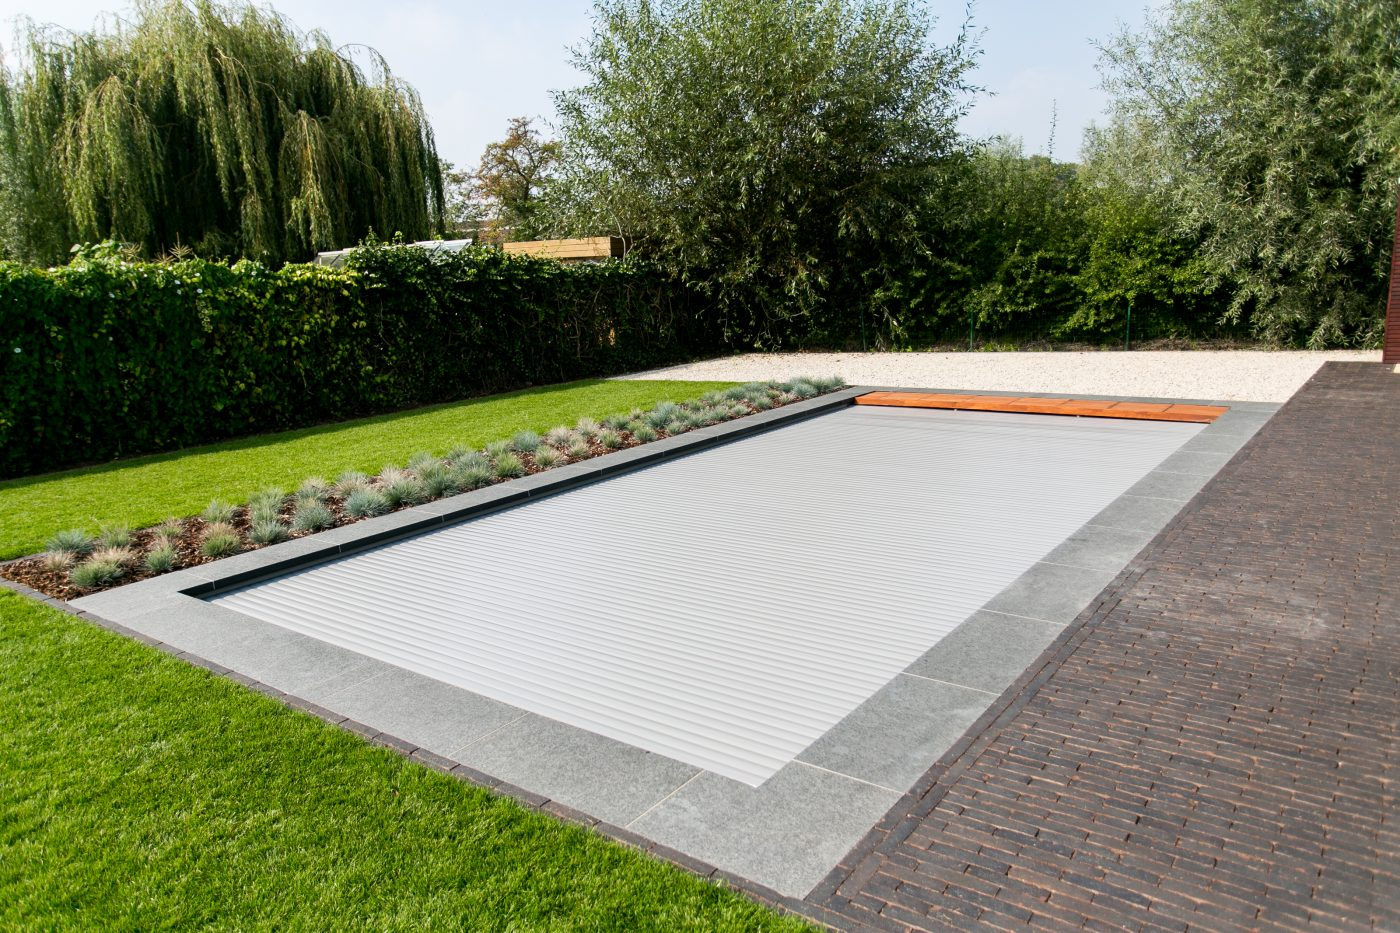 comment traiter l 39 eau de sa piscine be pool. Black Bedroom Furniture Sets. Home Design Ideas